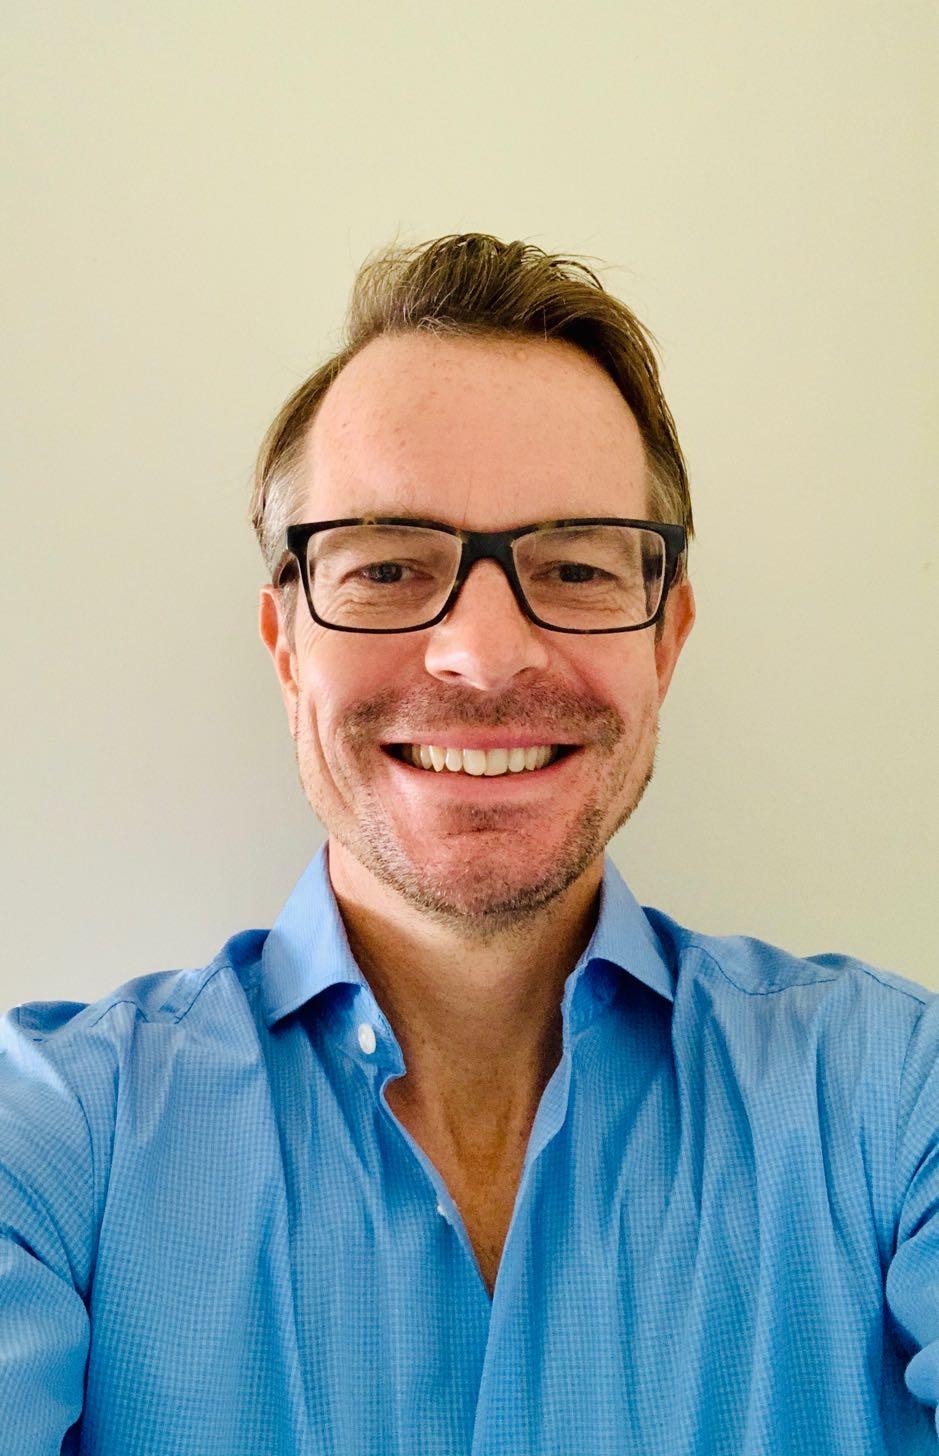 Mindful Leader Interview - Steve Ware